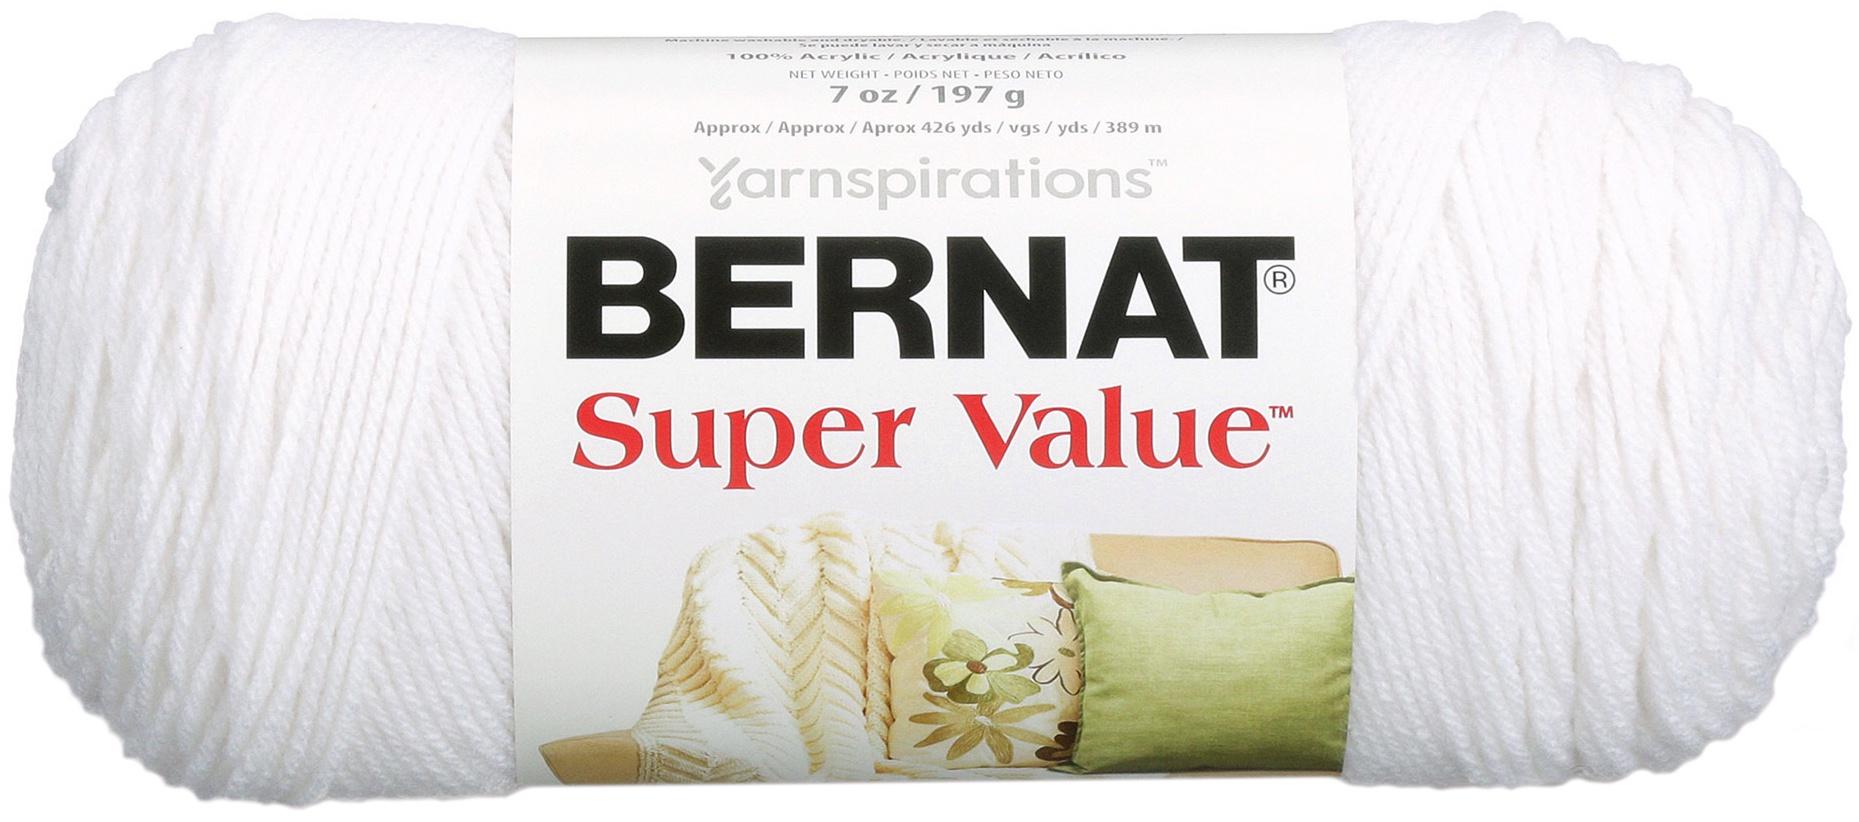 Bernat Super Value Solid Yarn